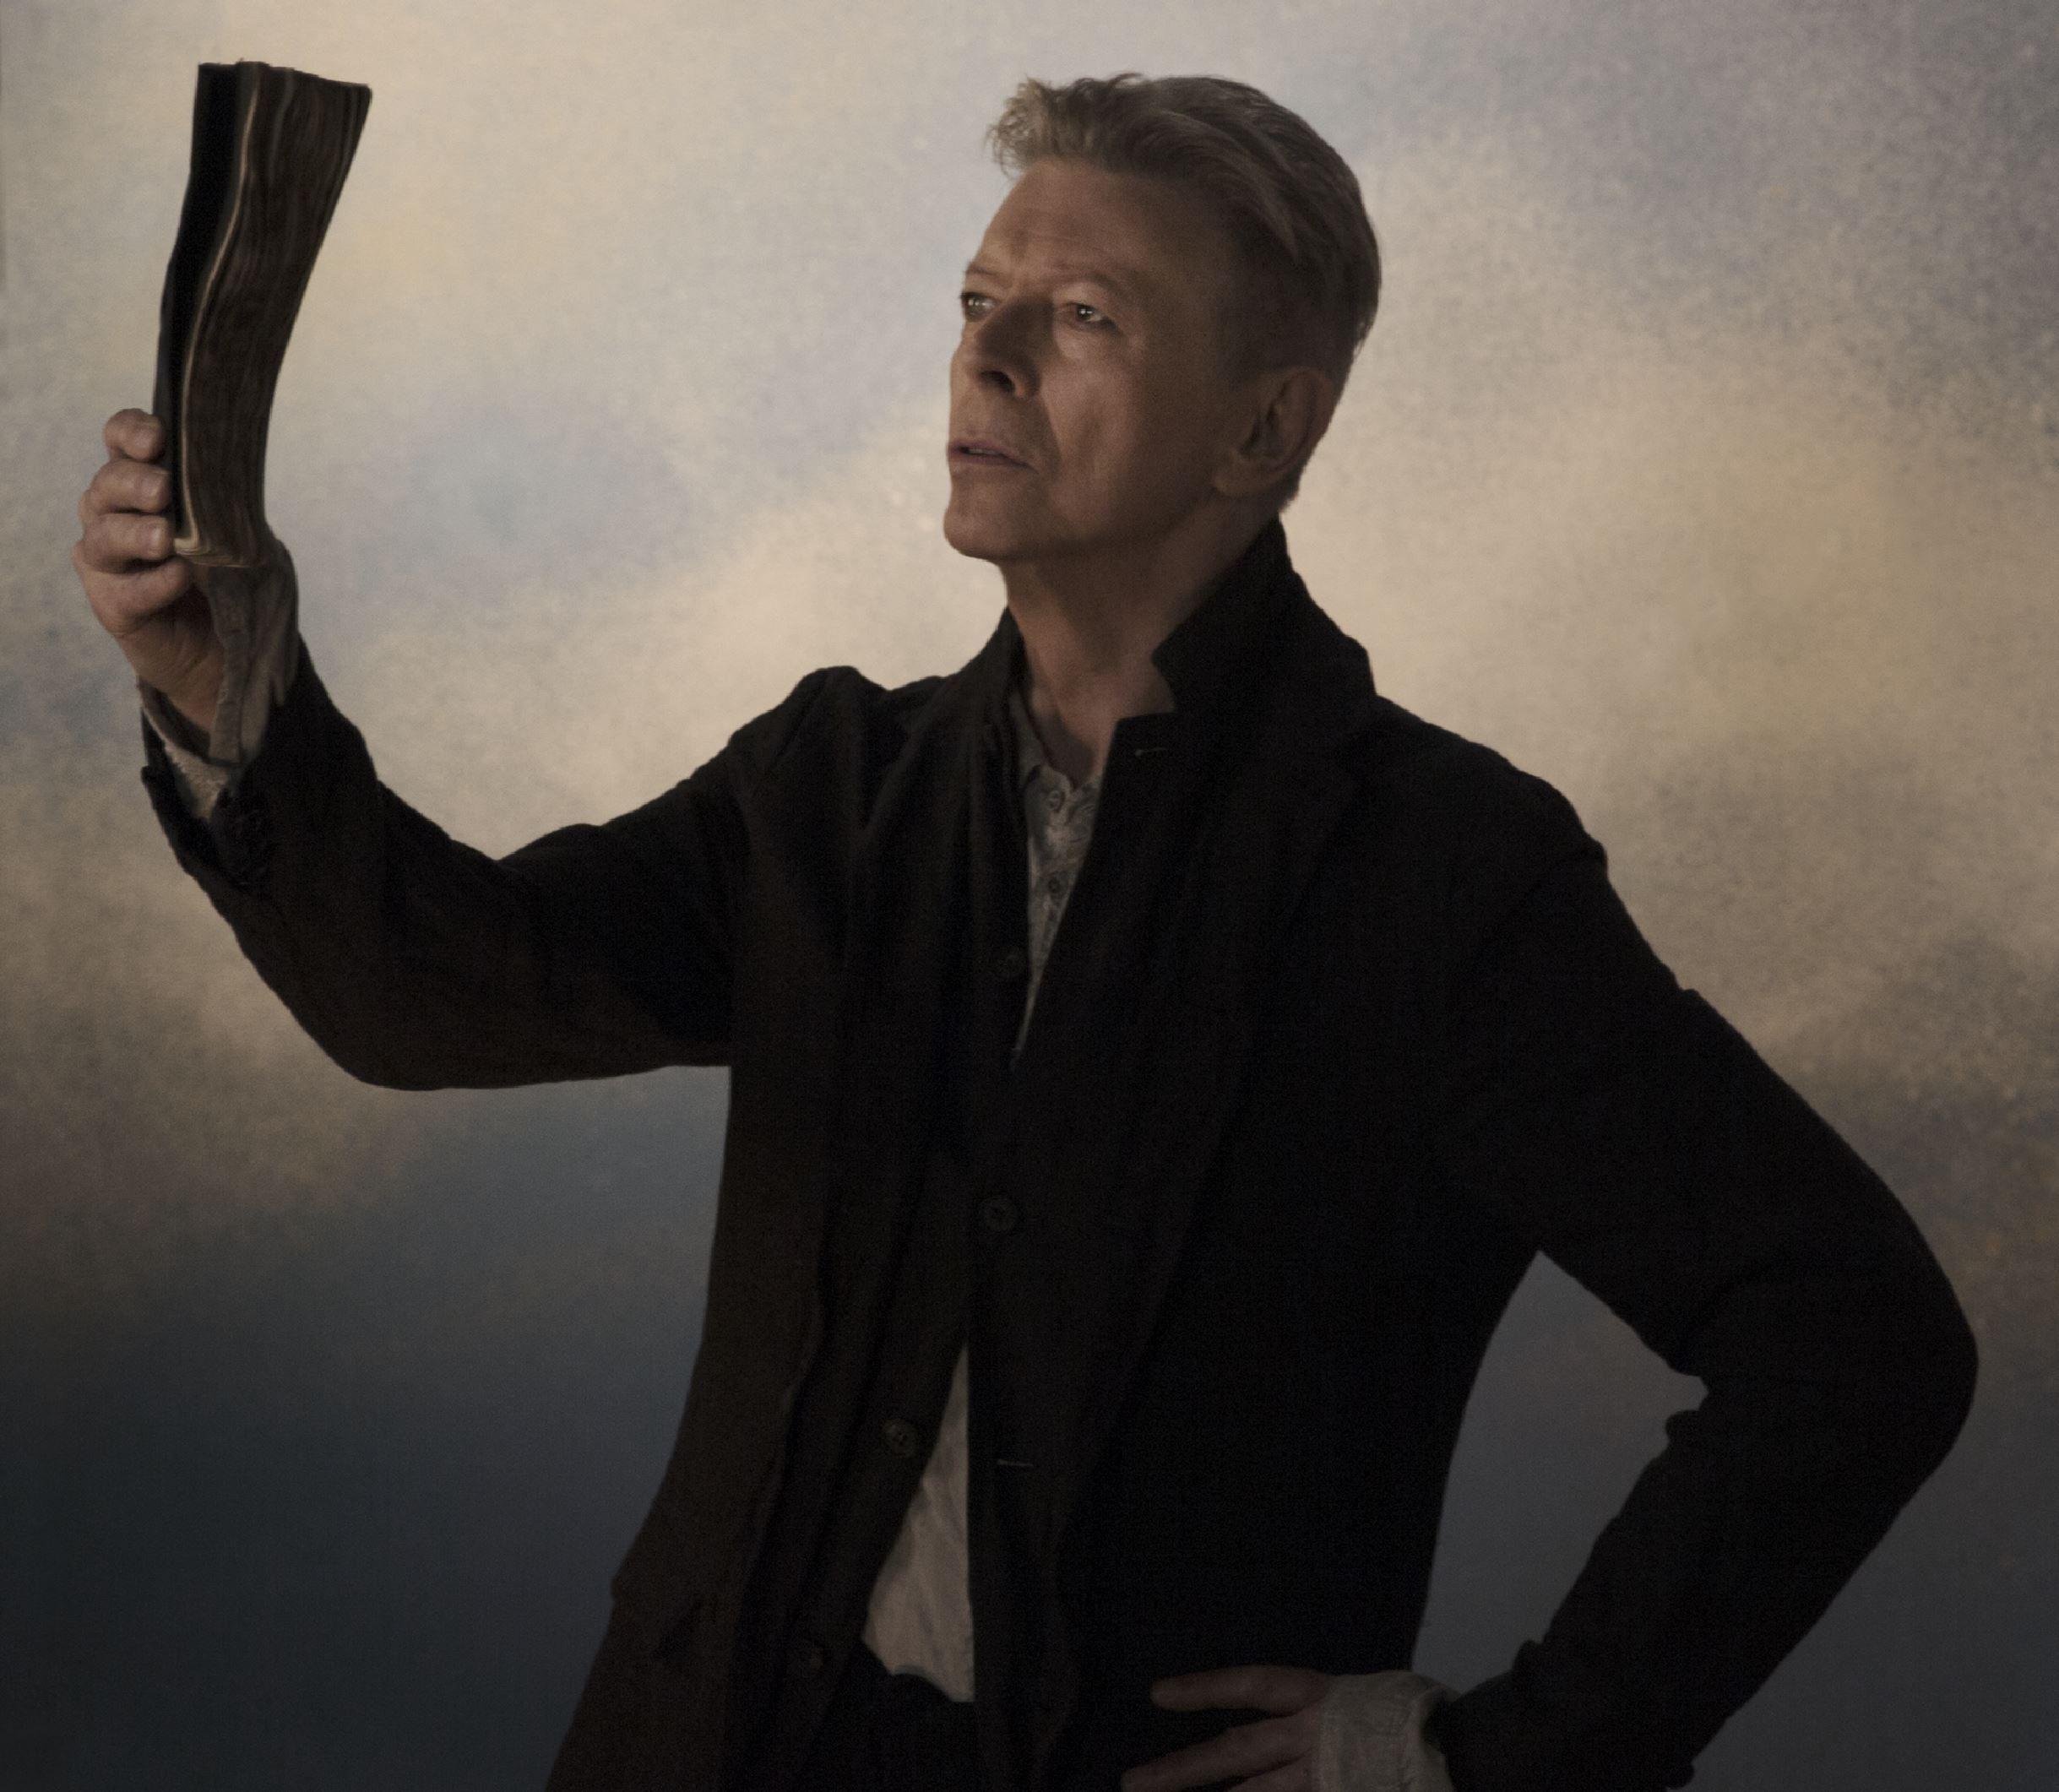 Bowie pidió que arrojen sus cenizas en la isla de Bali.